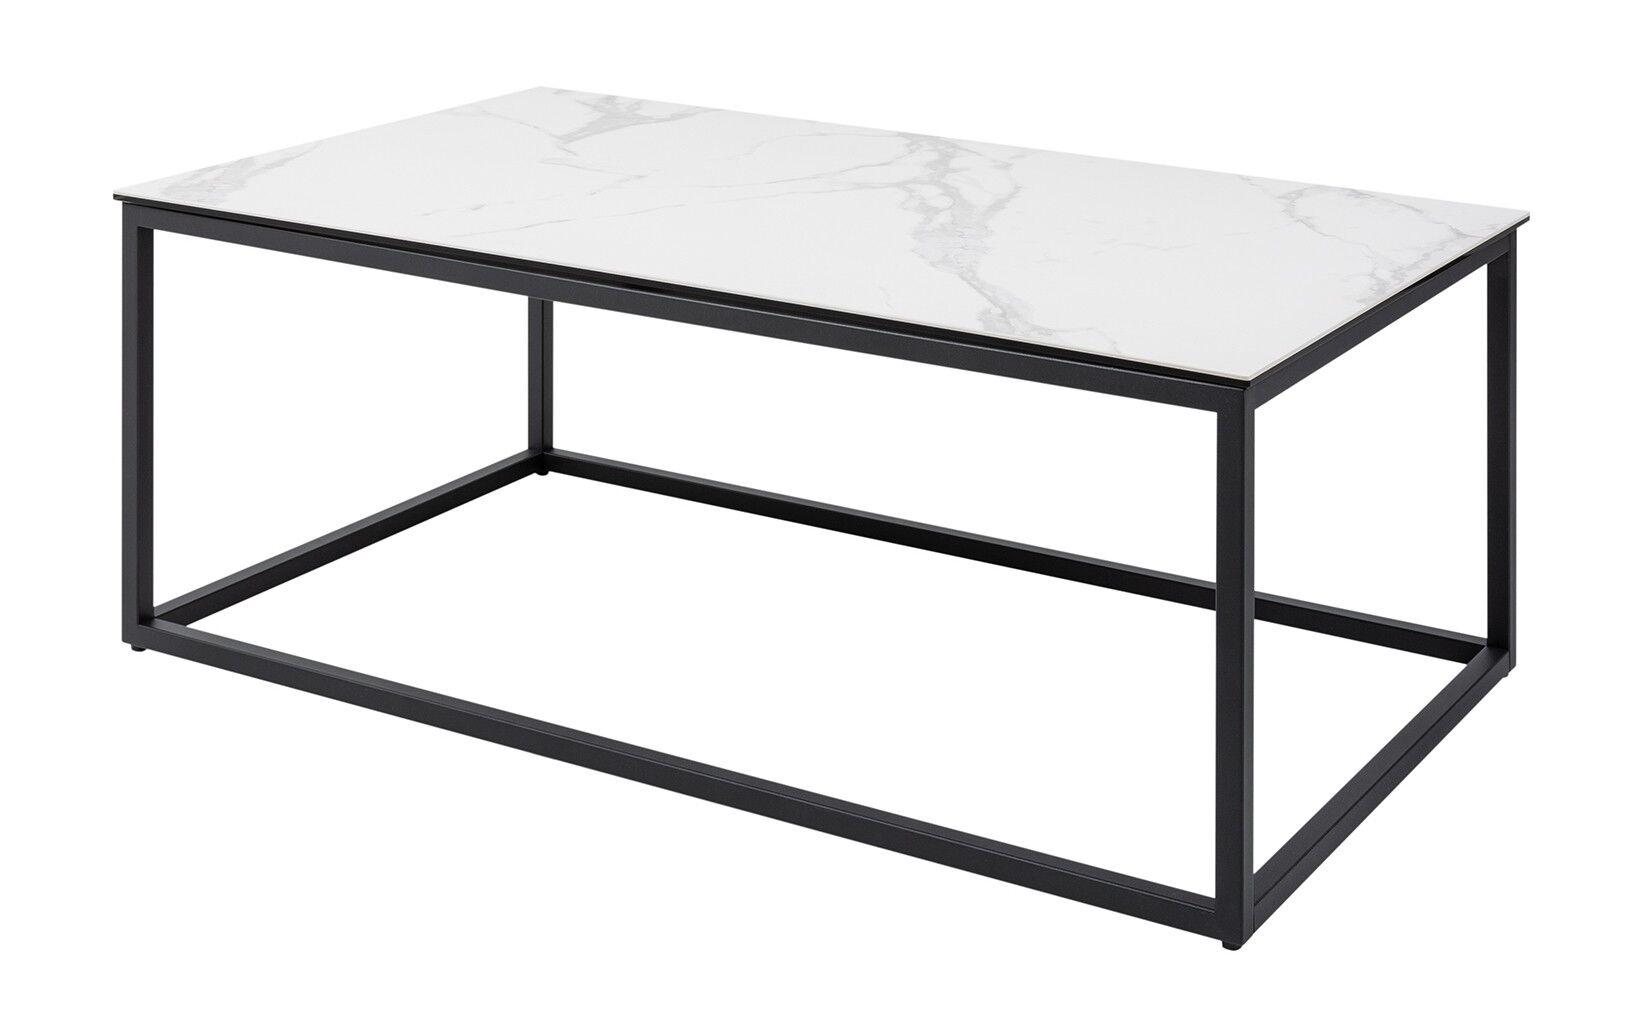 gdegdesign Table basse rectangle plateau verre et céramique marbre blanc - Baldo